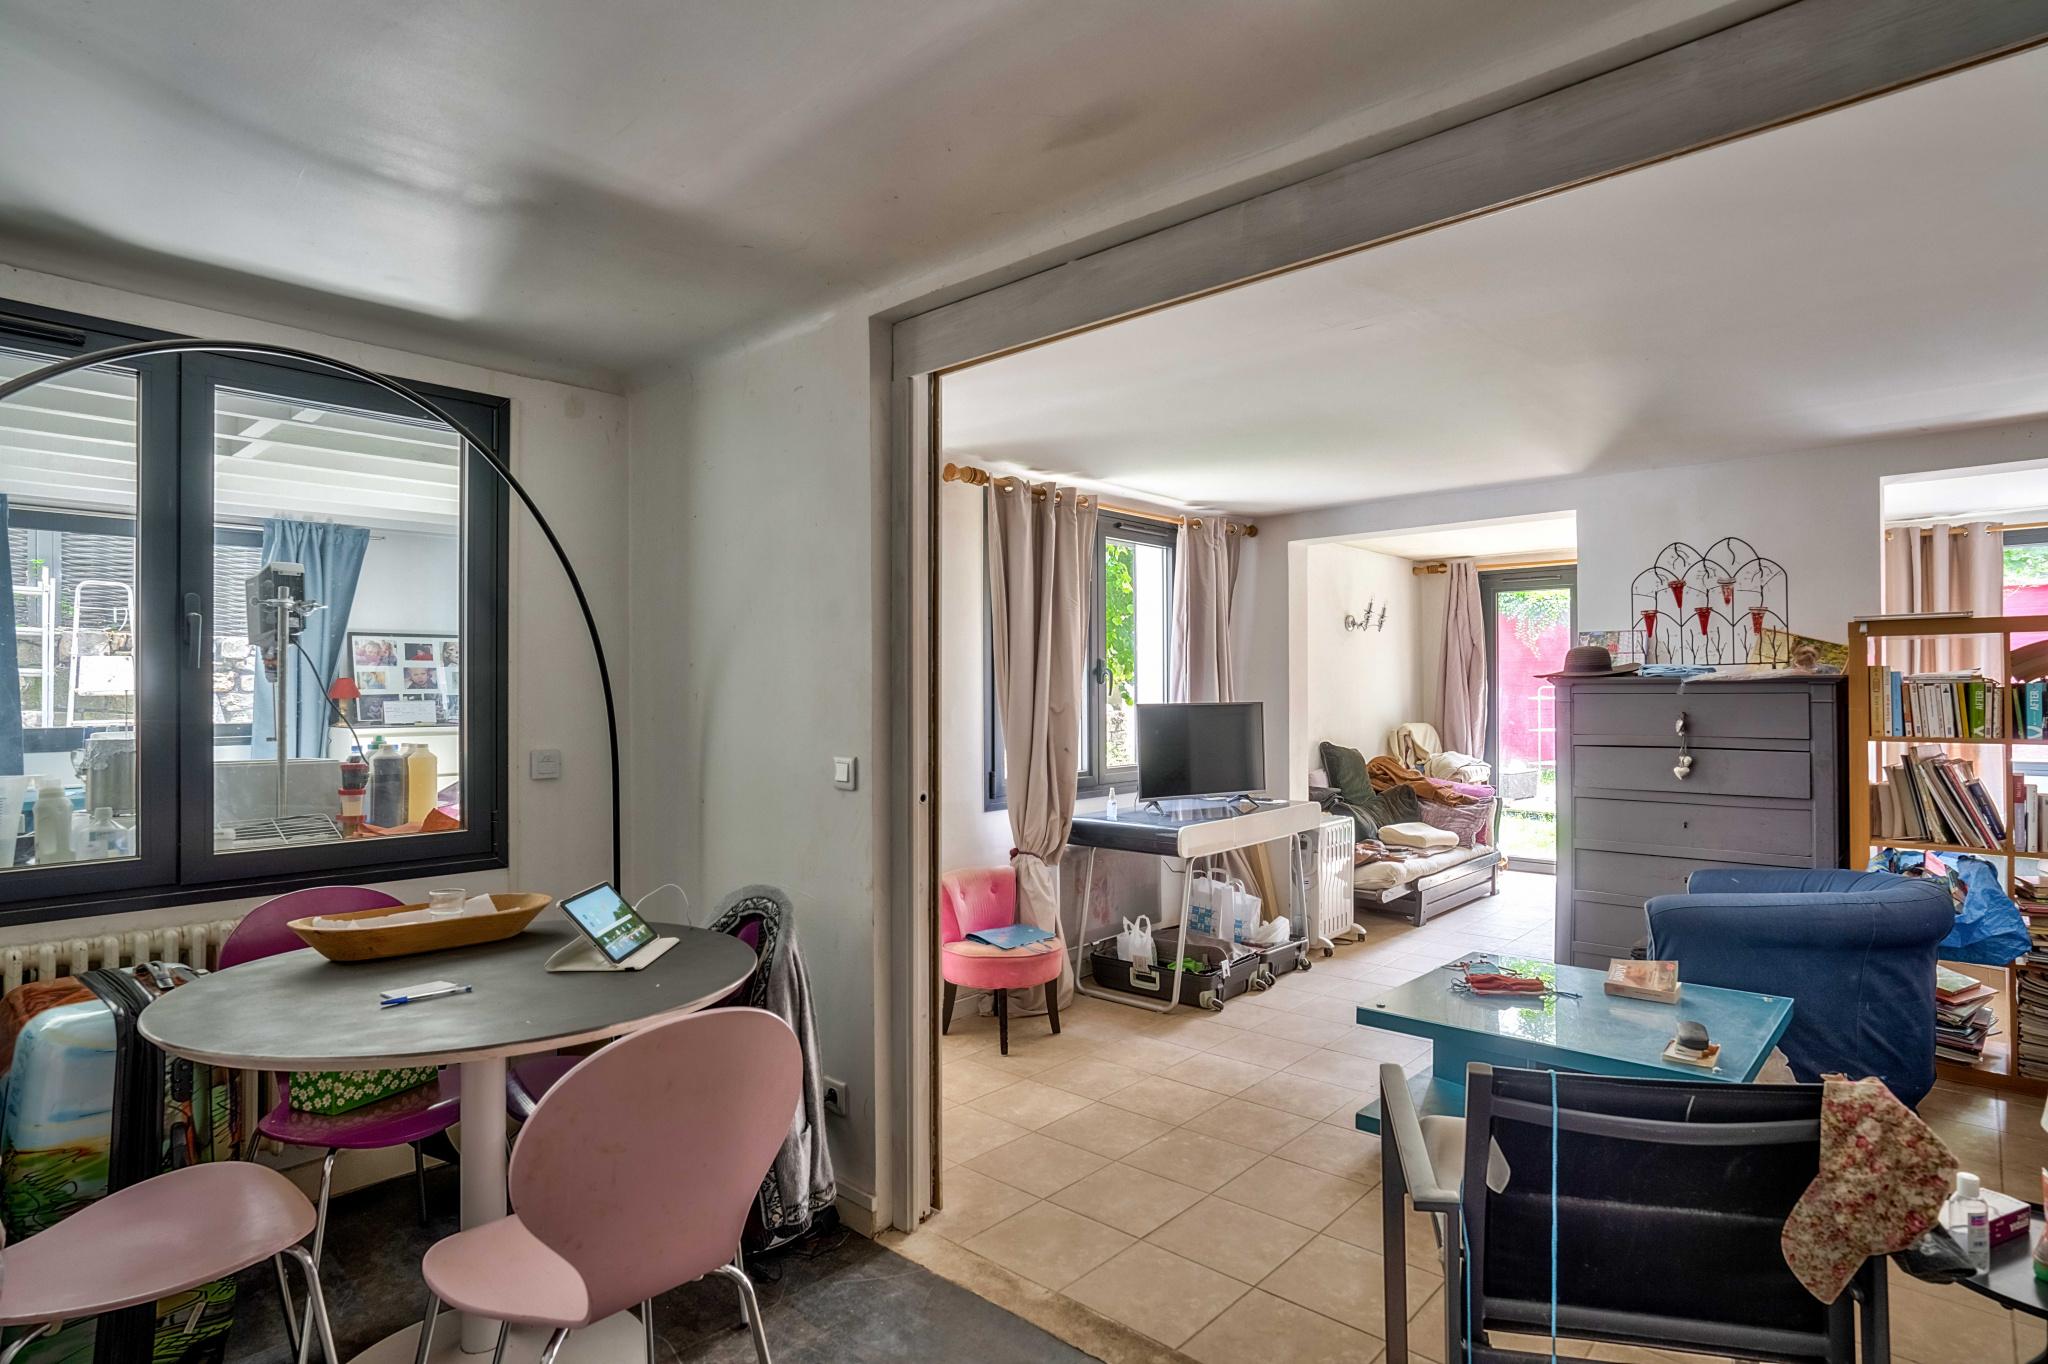 Maison À vendre - Ville-d'Avray / 92410